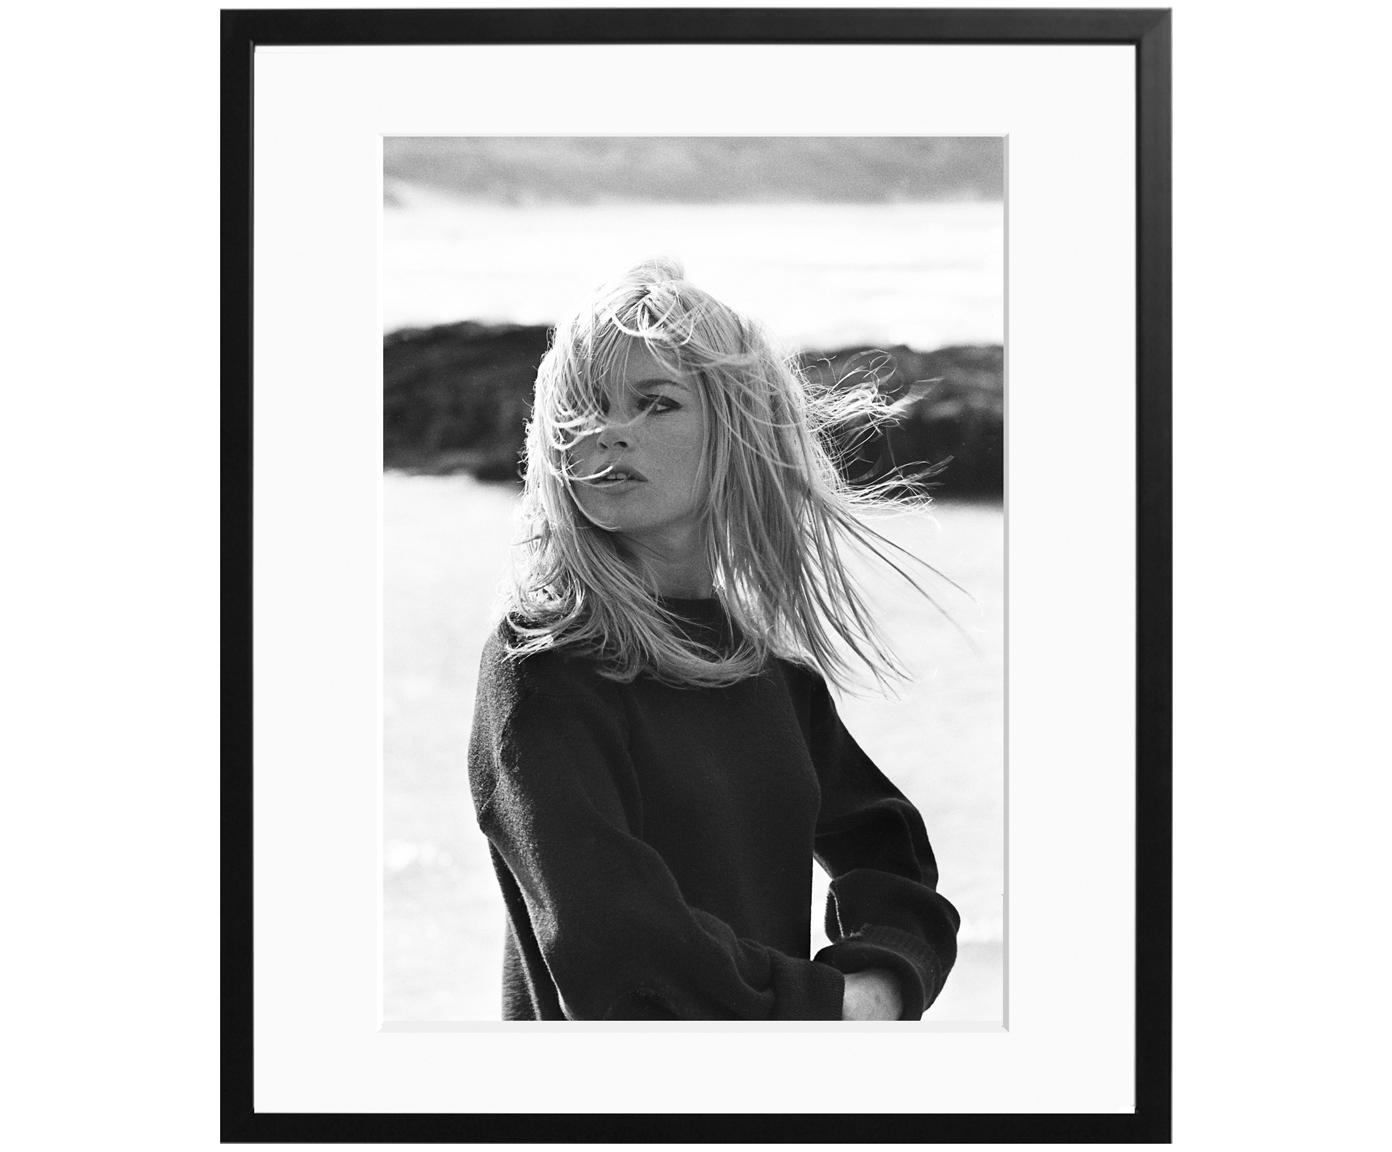 Ingelijste foto Bardot Poses, Afbeelding: Fuji Crystal Archive papi, Lijst: hout, gelakt, Afbeelding: zwart, wit<br>Lijst: zwart<br>voorkant: transparant, 50 x 60 cm